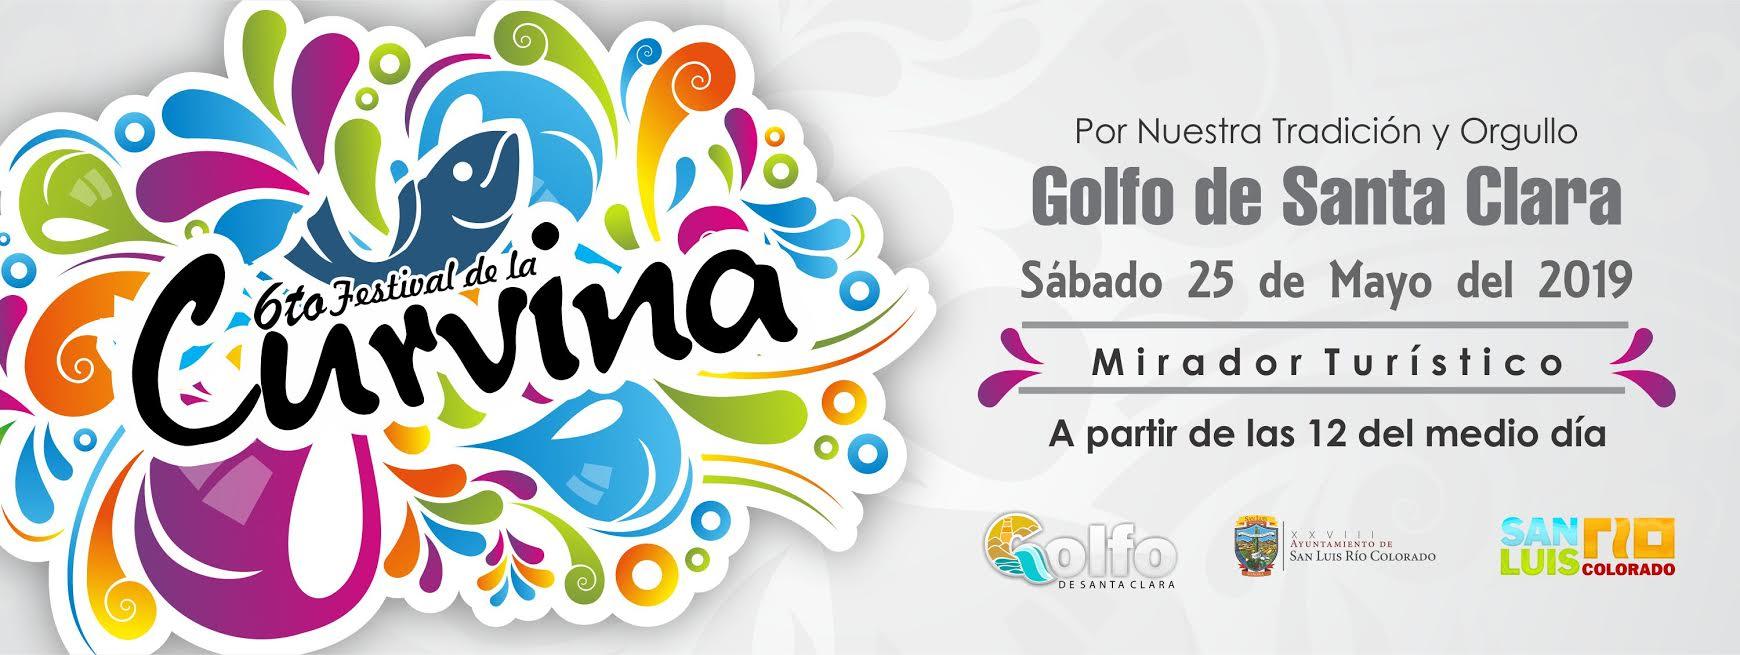 Sexto Festival De La Curvina